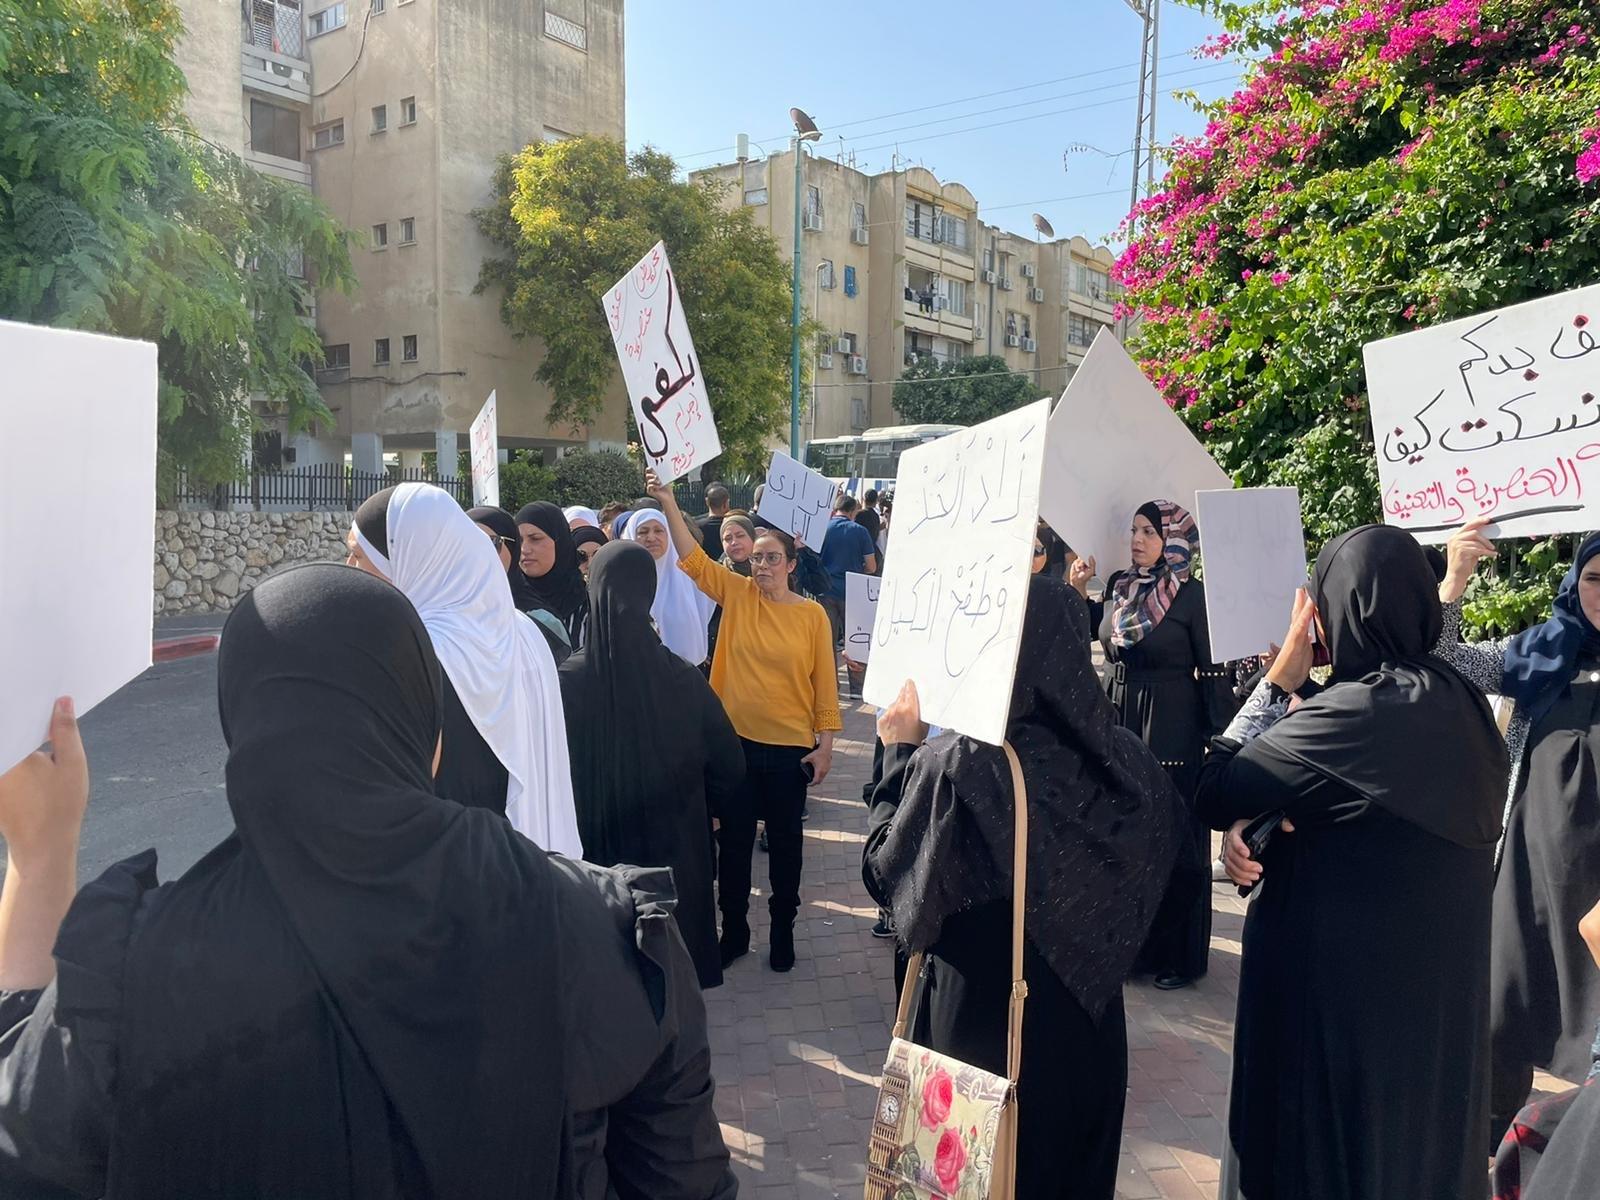 اللد: أهال يتظاهرون ضد محاولات النواة التوراتية والبلدية السيطرة على ساحة مدرسة عربية!-0